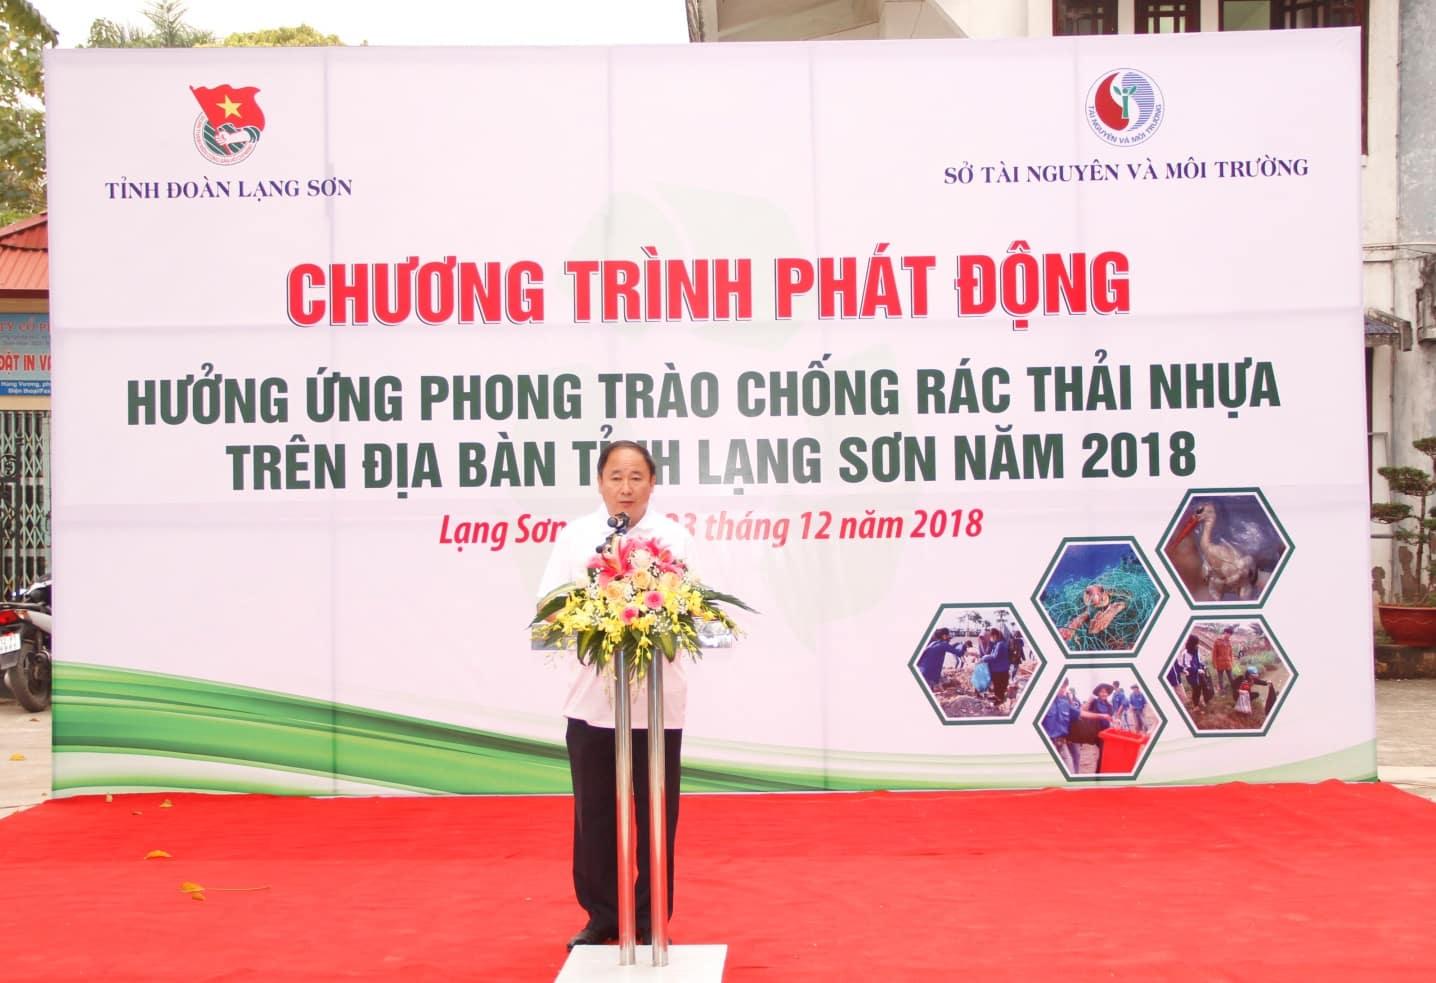 Bắt phó giám đốc Sở TN&MT tỉnh Lạng Sơn, Lạng Sơn, ông Nguyễn Đình Duyệt